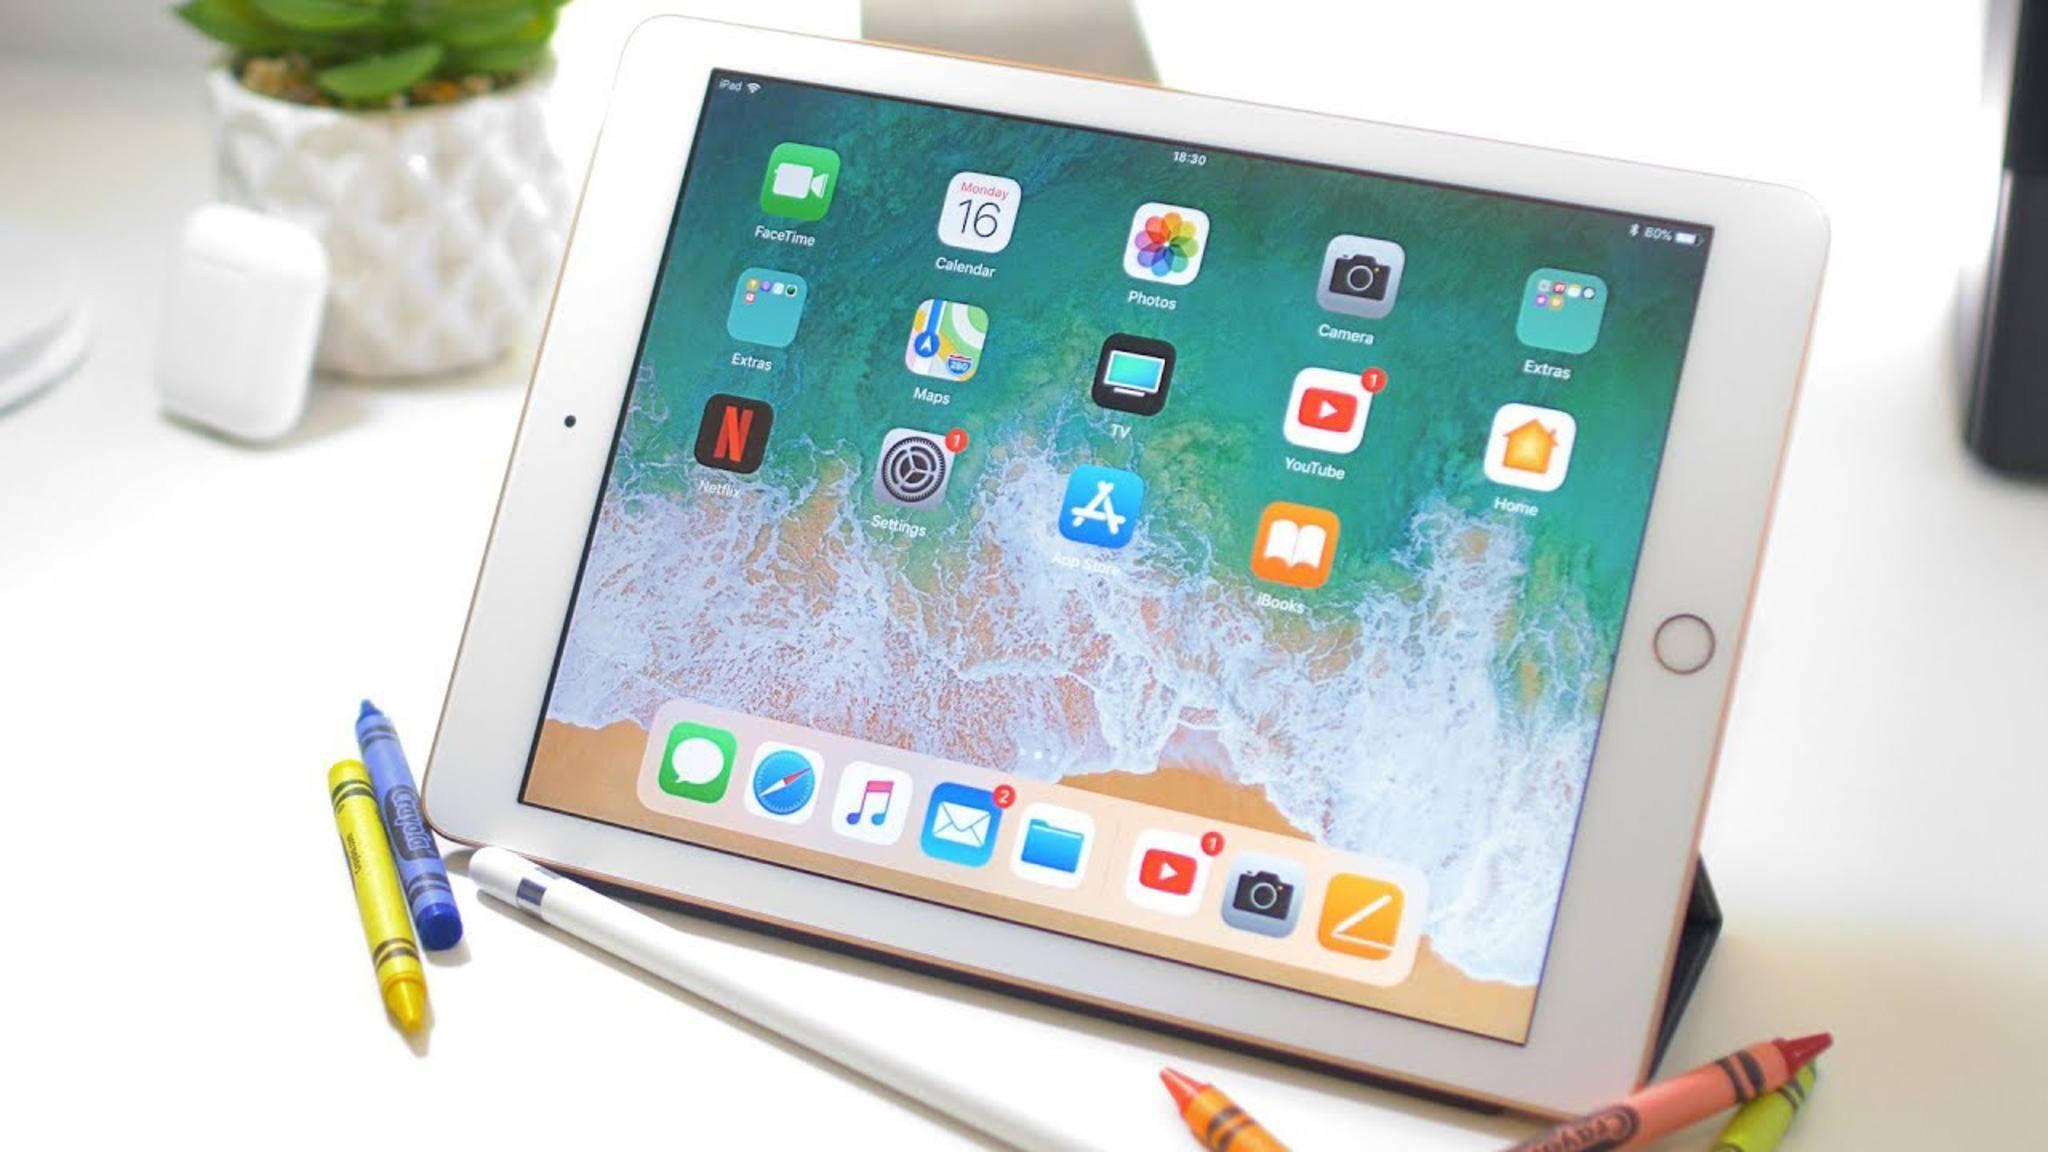 Zwar werden immer weniger Tablets verkauft, das iPad scheint von dieser Entwicklung aber unberührt.